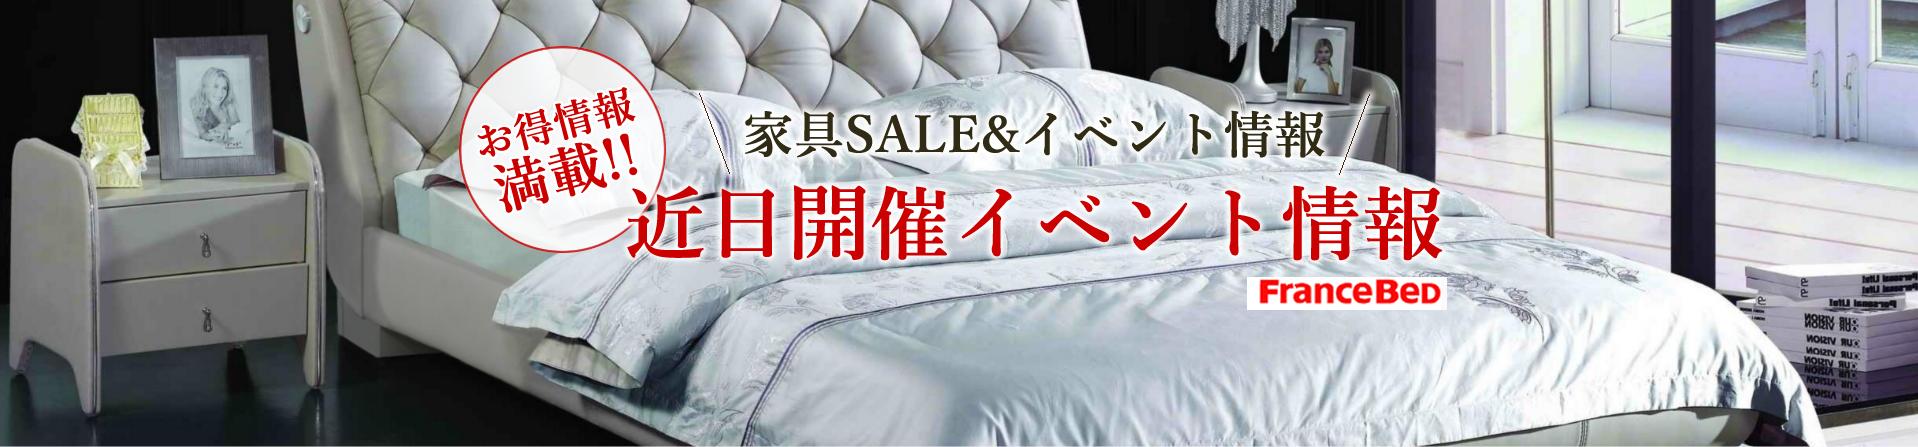 ASLEEPアイシンベッド 新横浜ショールーム 特別ご招待セール (中山家具)